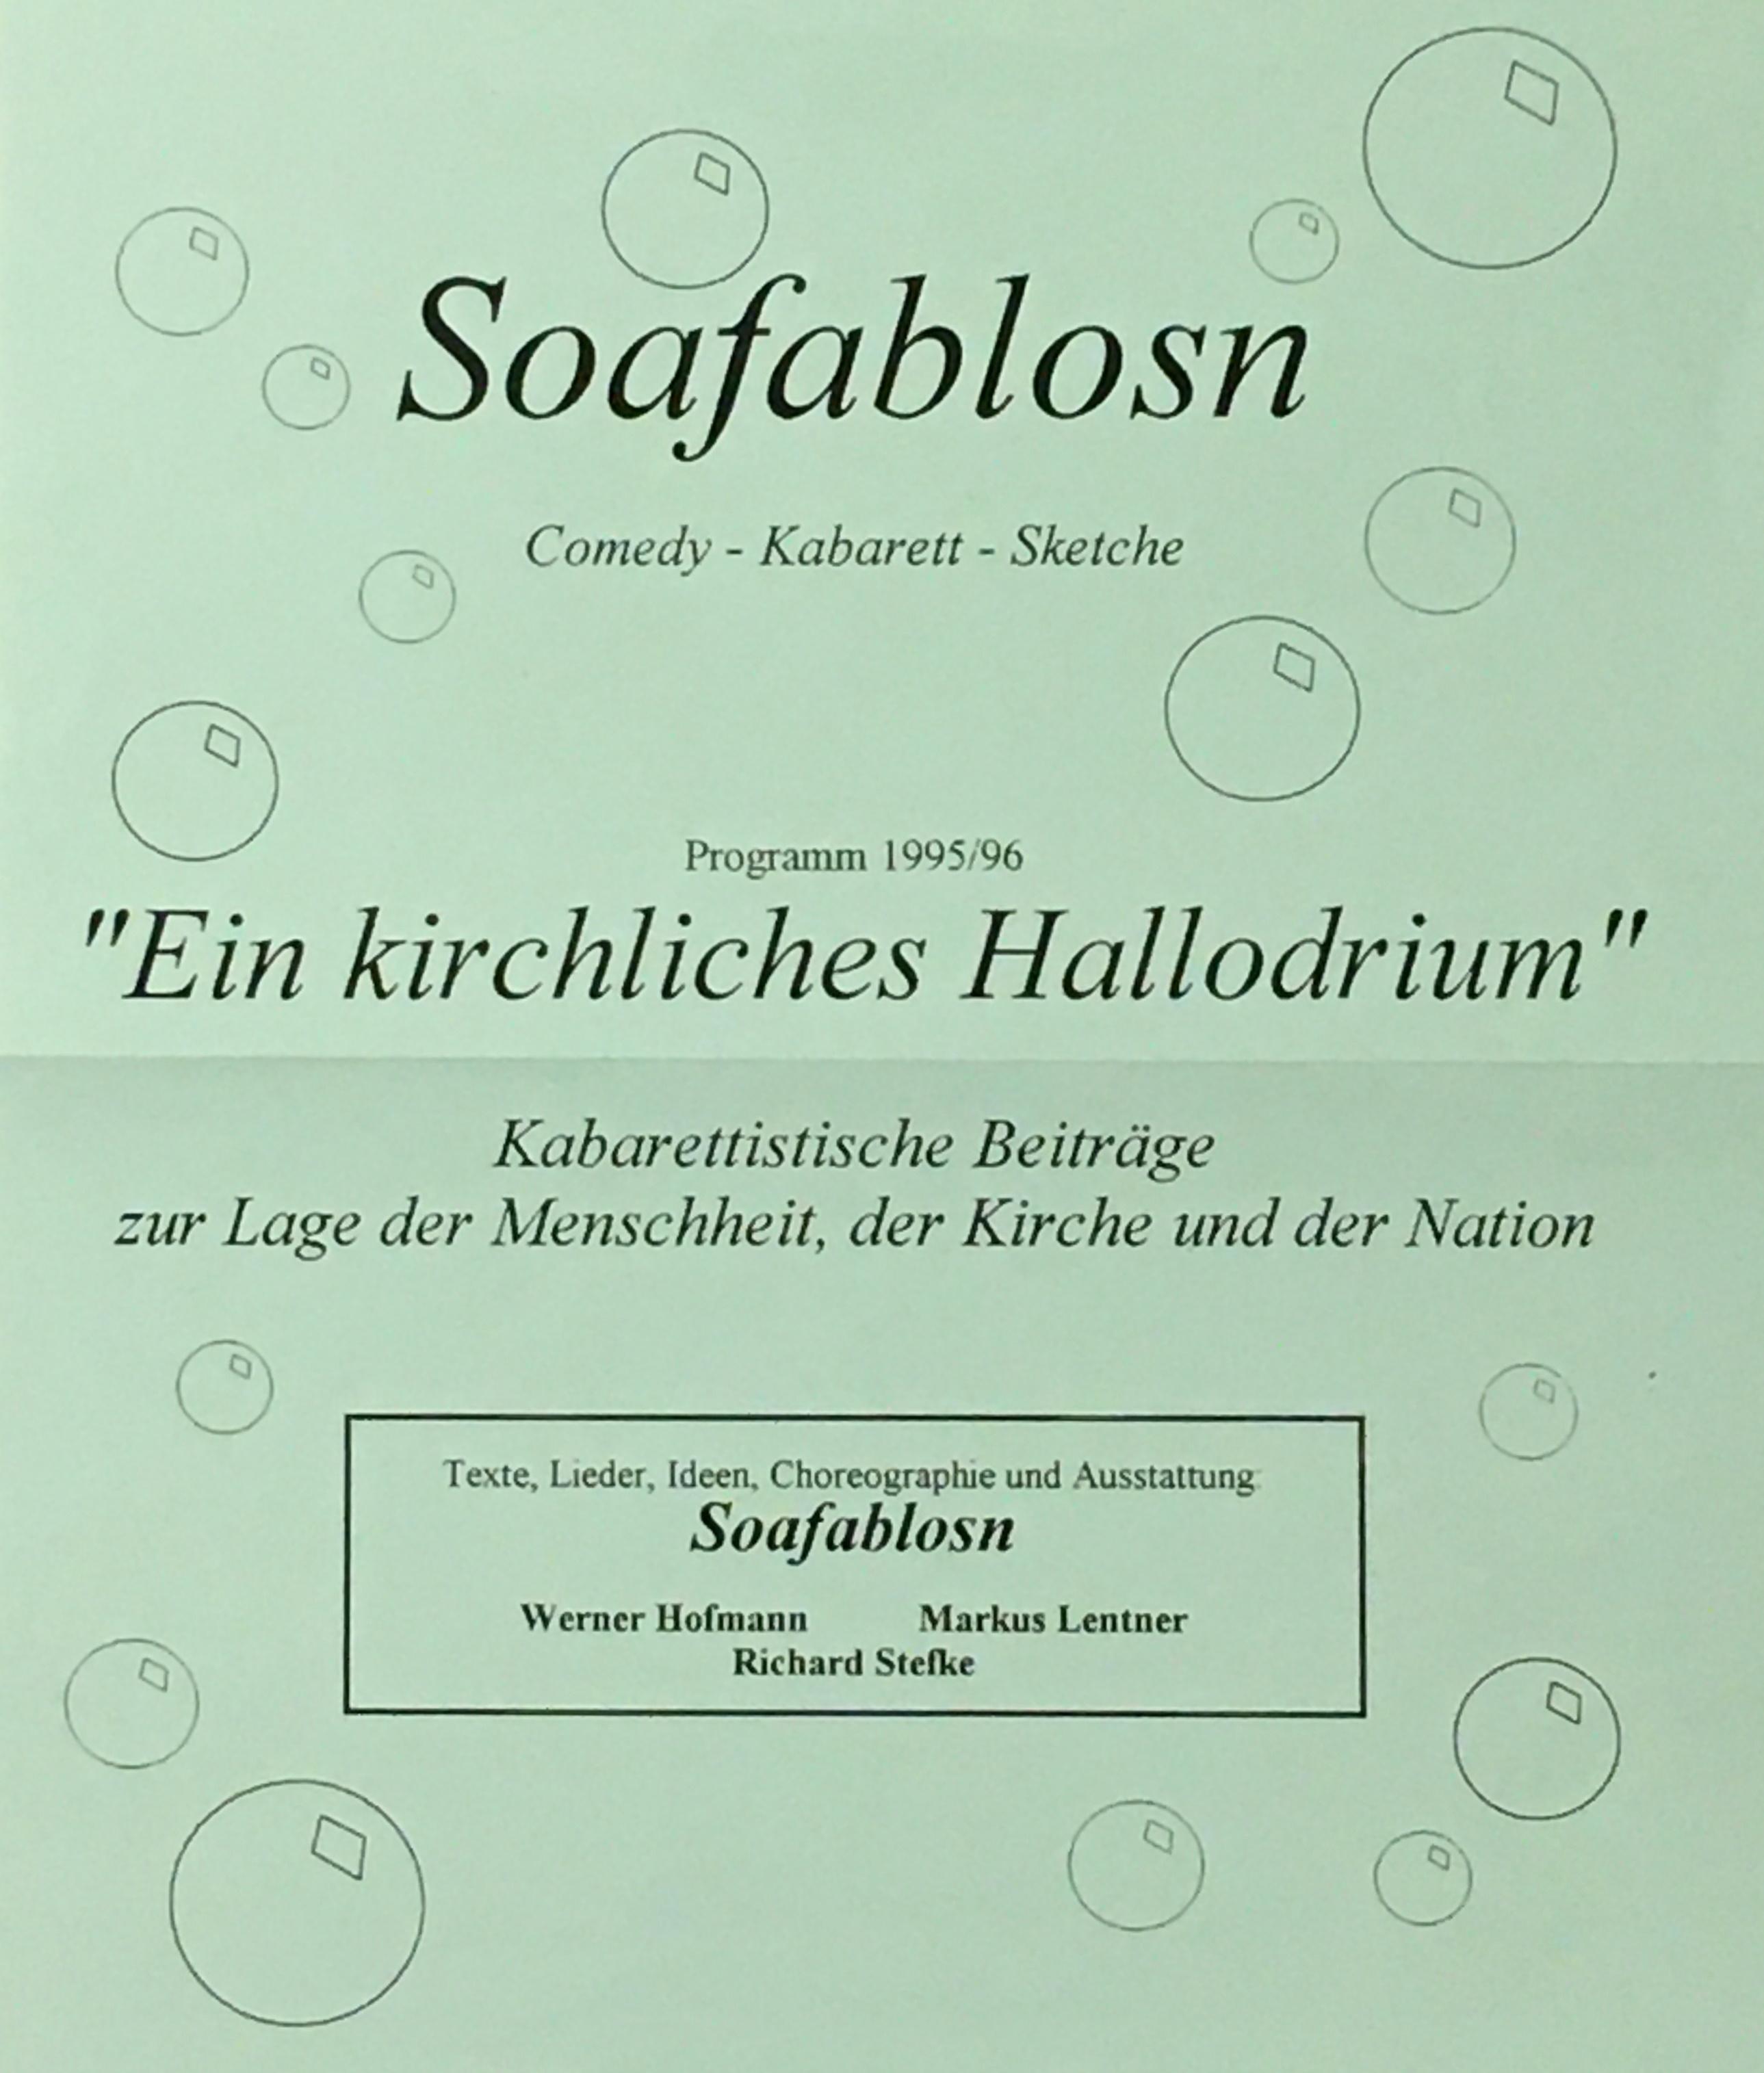 Ein kirchliches Hallodrium 1995-1996